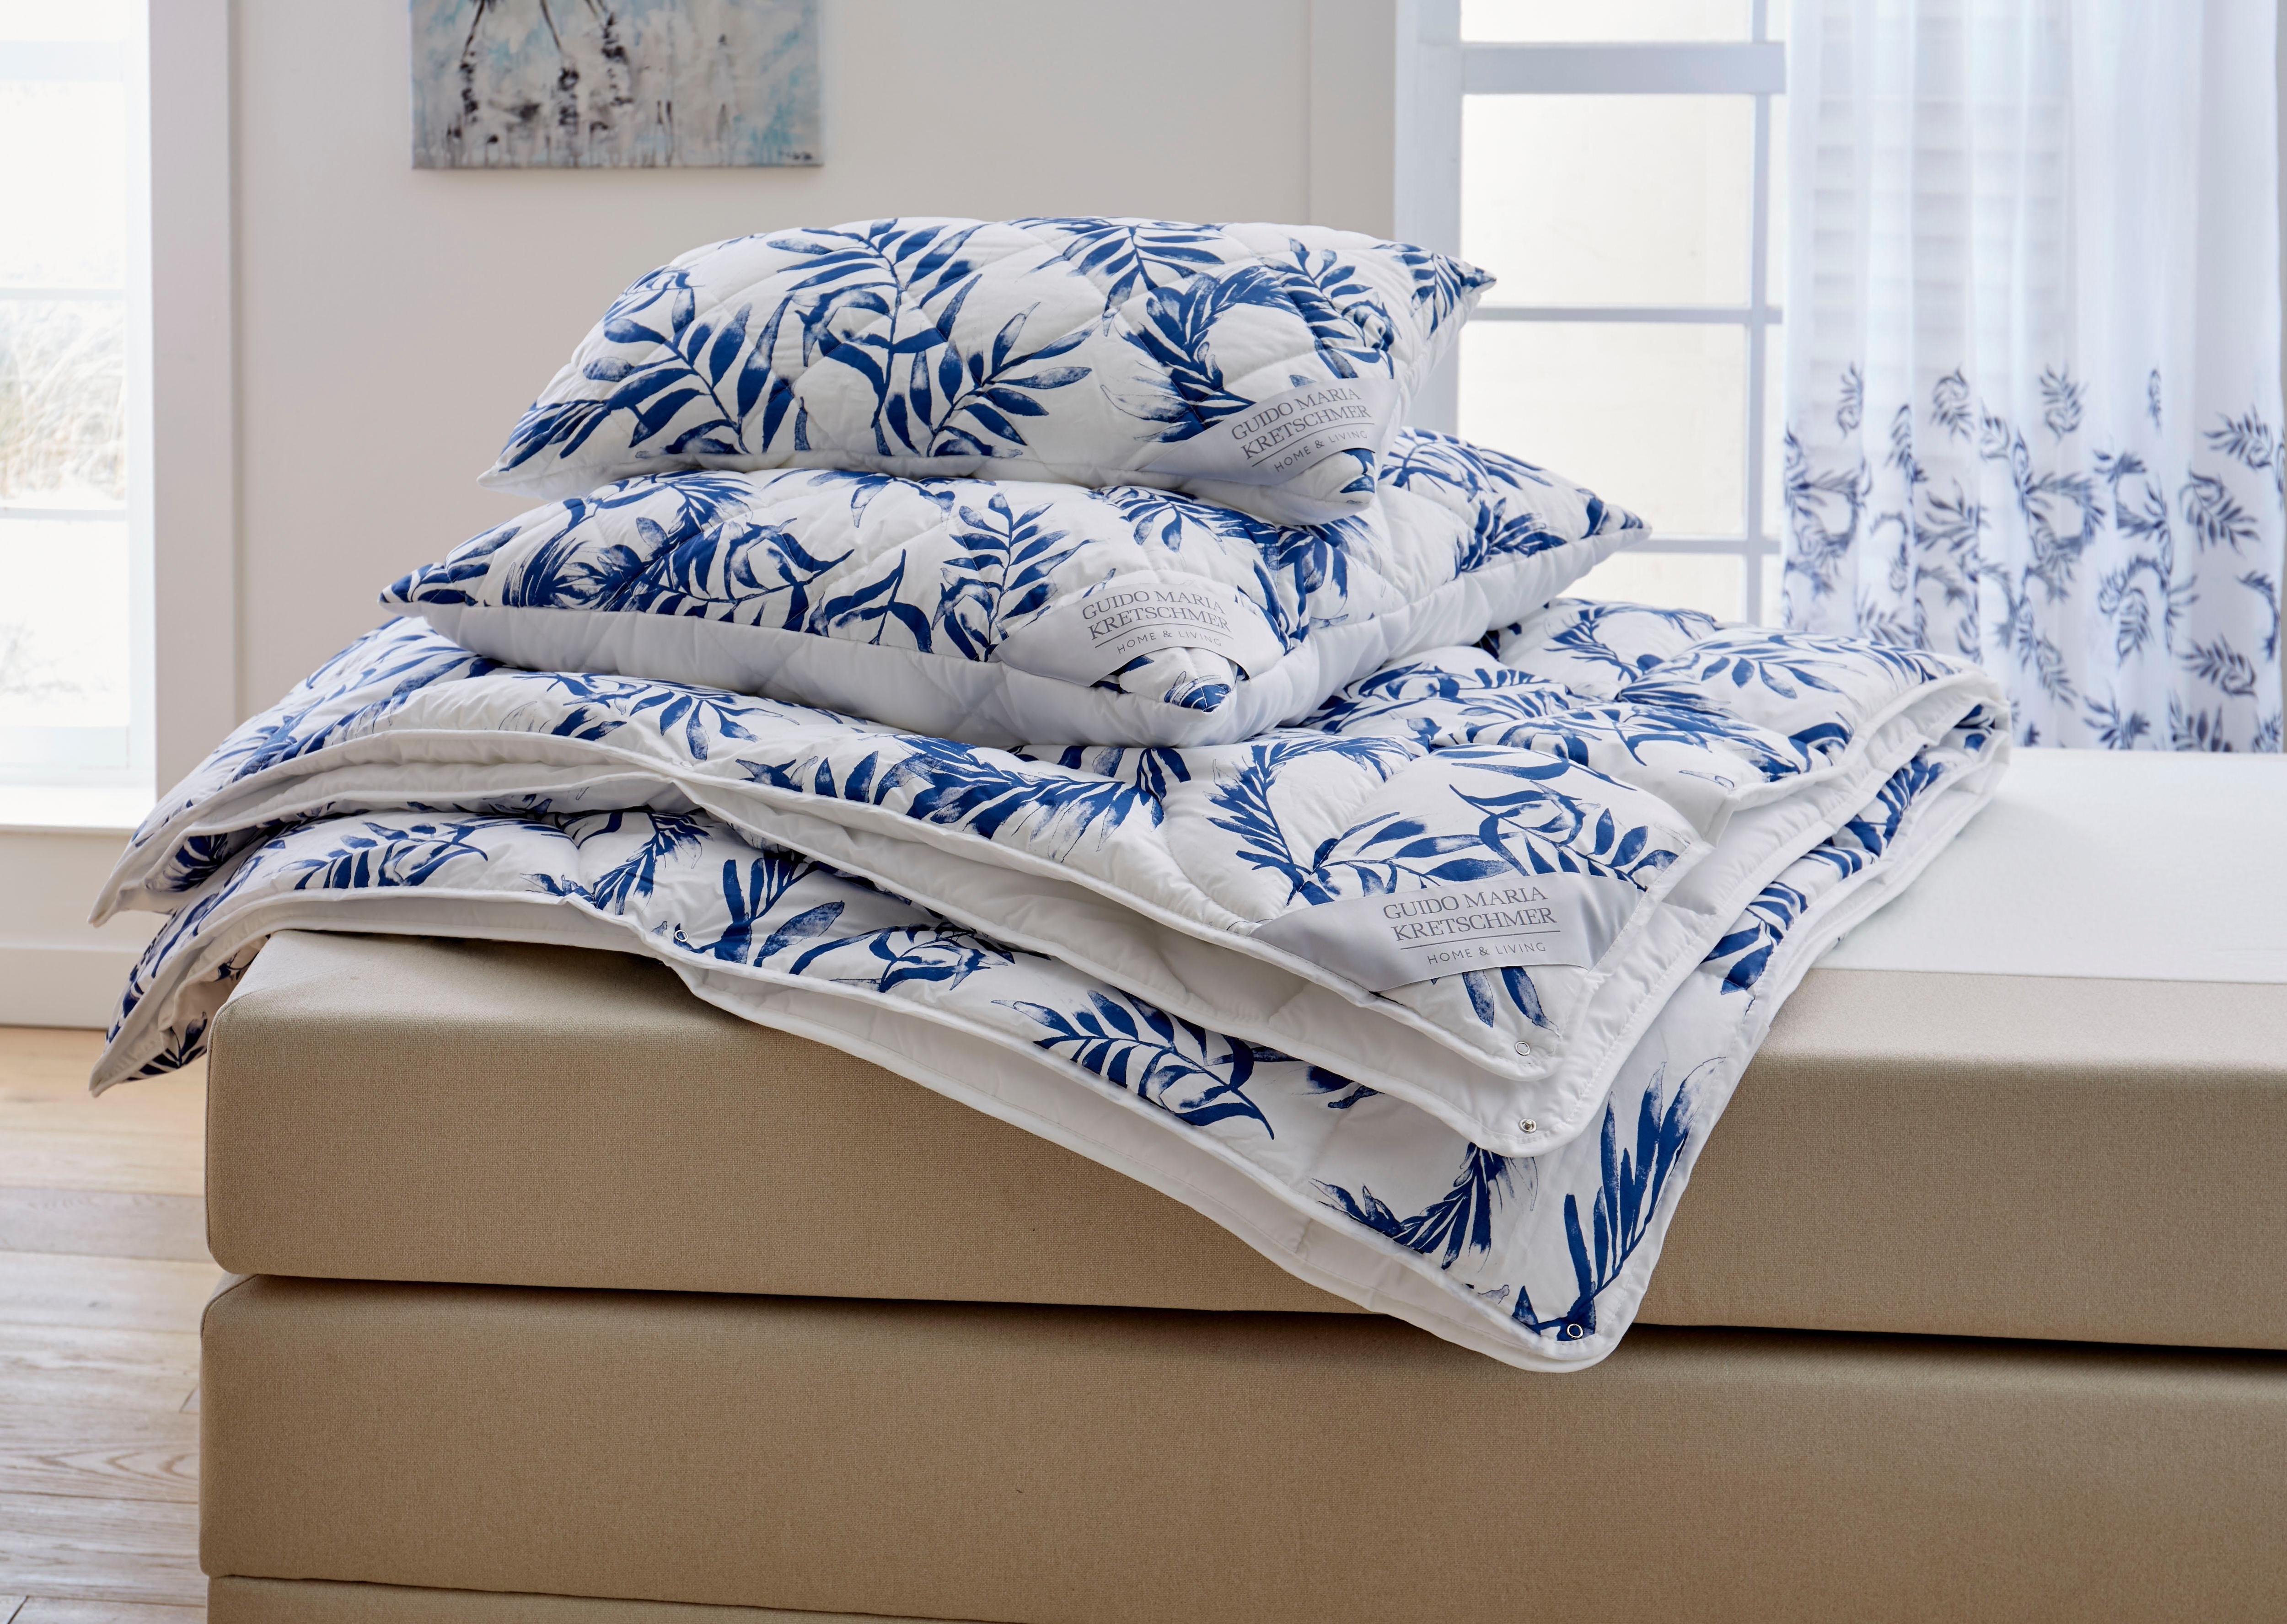 4-JahreszeitenbettBlue leavesGuido Maria Kretschmer Home&Living 4-Jahreszeiten | 04019793387386